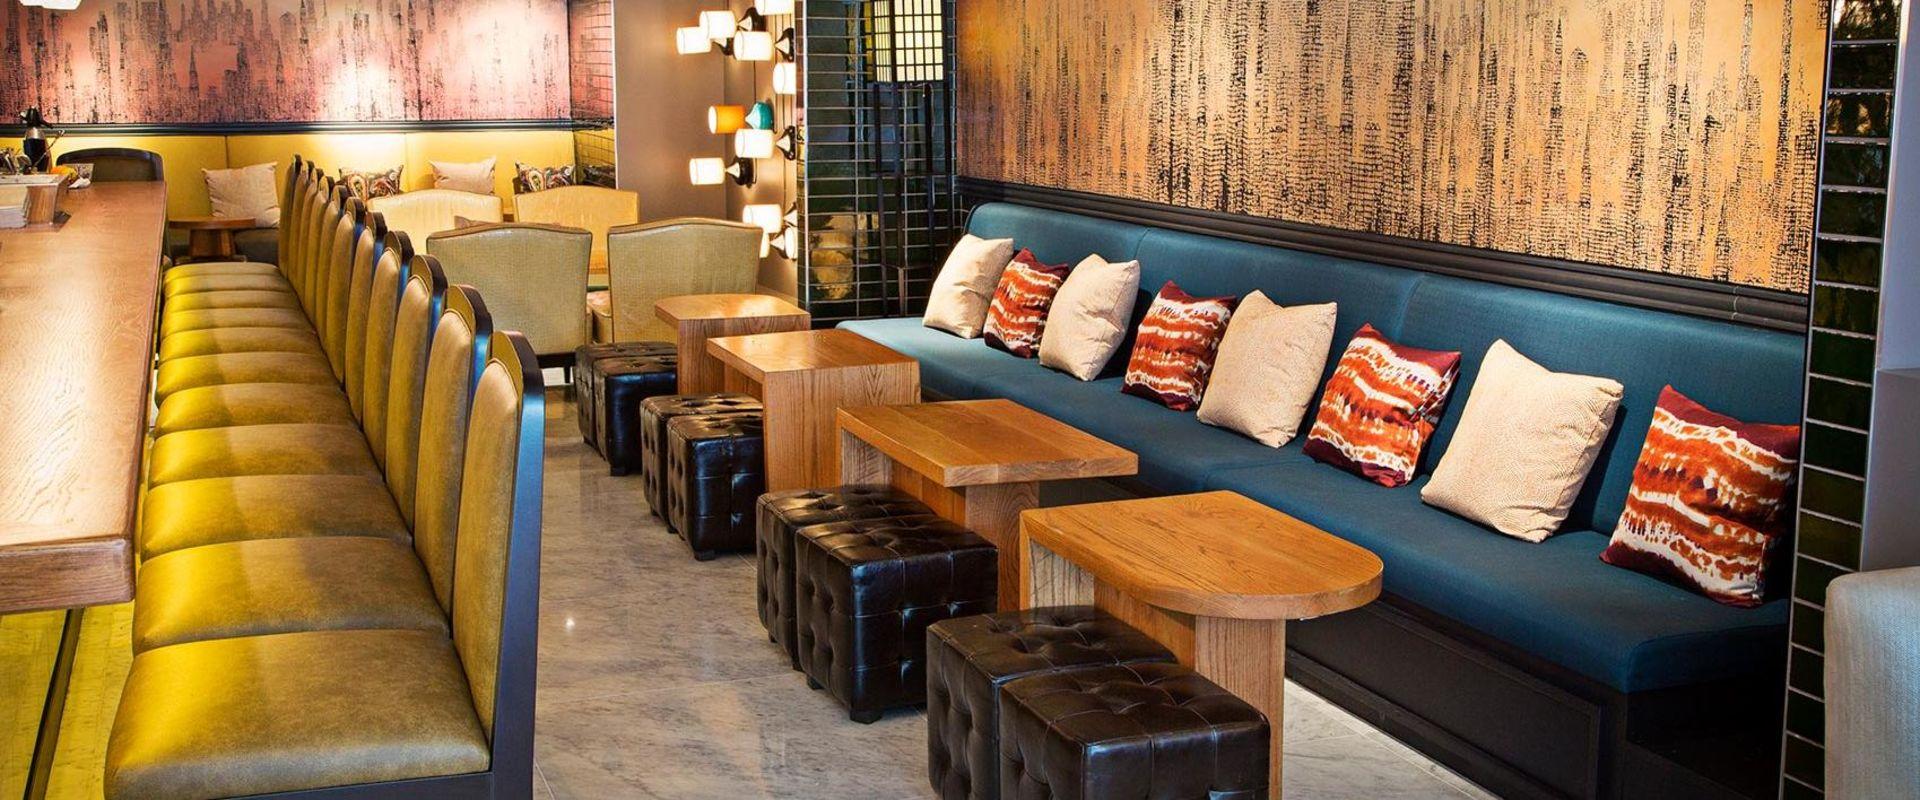 Dupont Circle Bar & Lounge